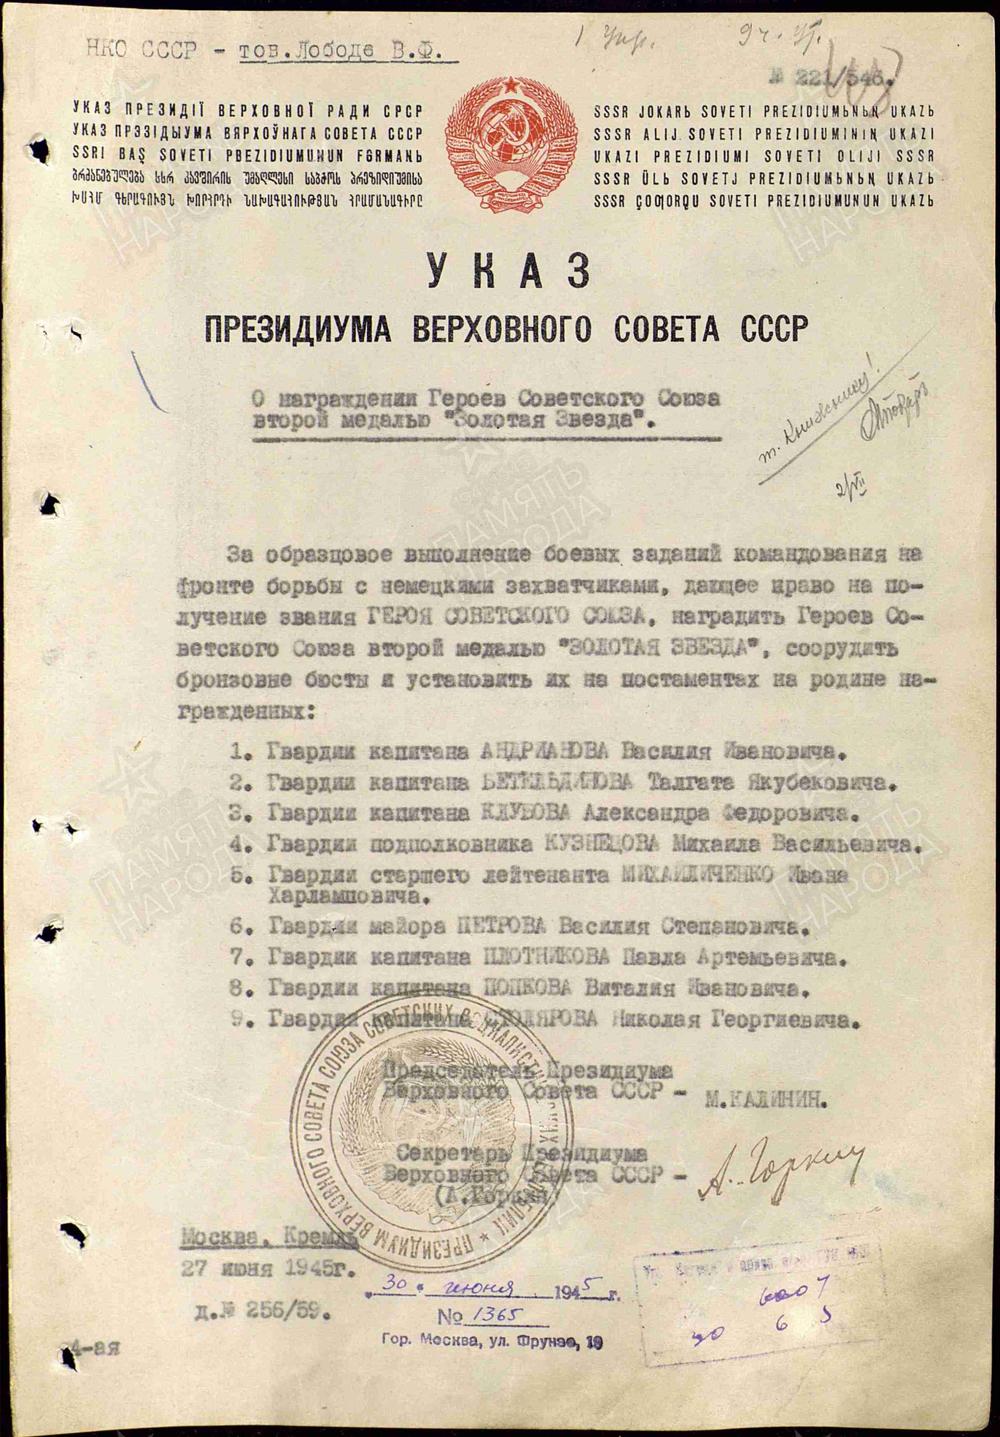 Указ президиума Верховного совета СССР онаграждении Т.Я.Бегельдинова званием Герой Советского Союза.